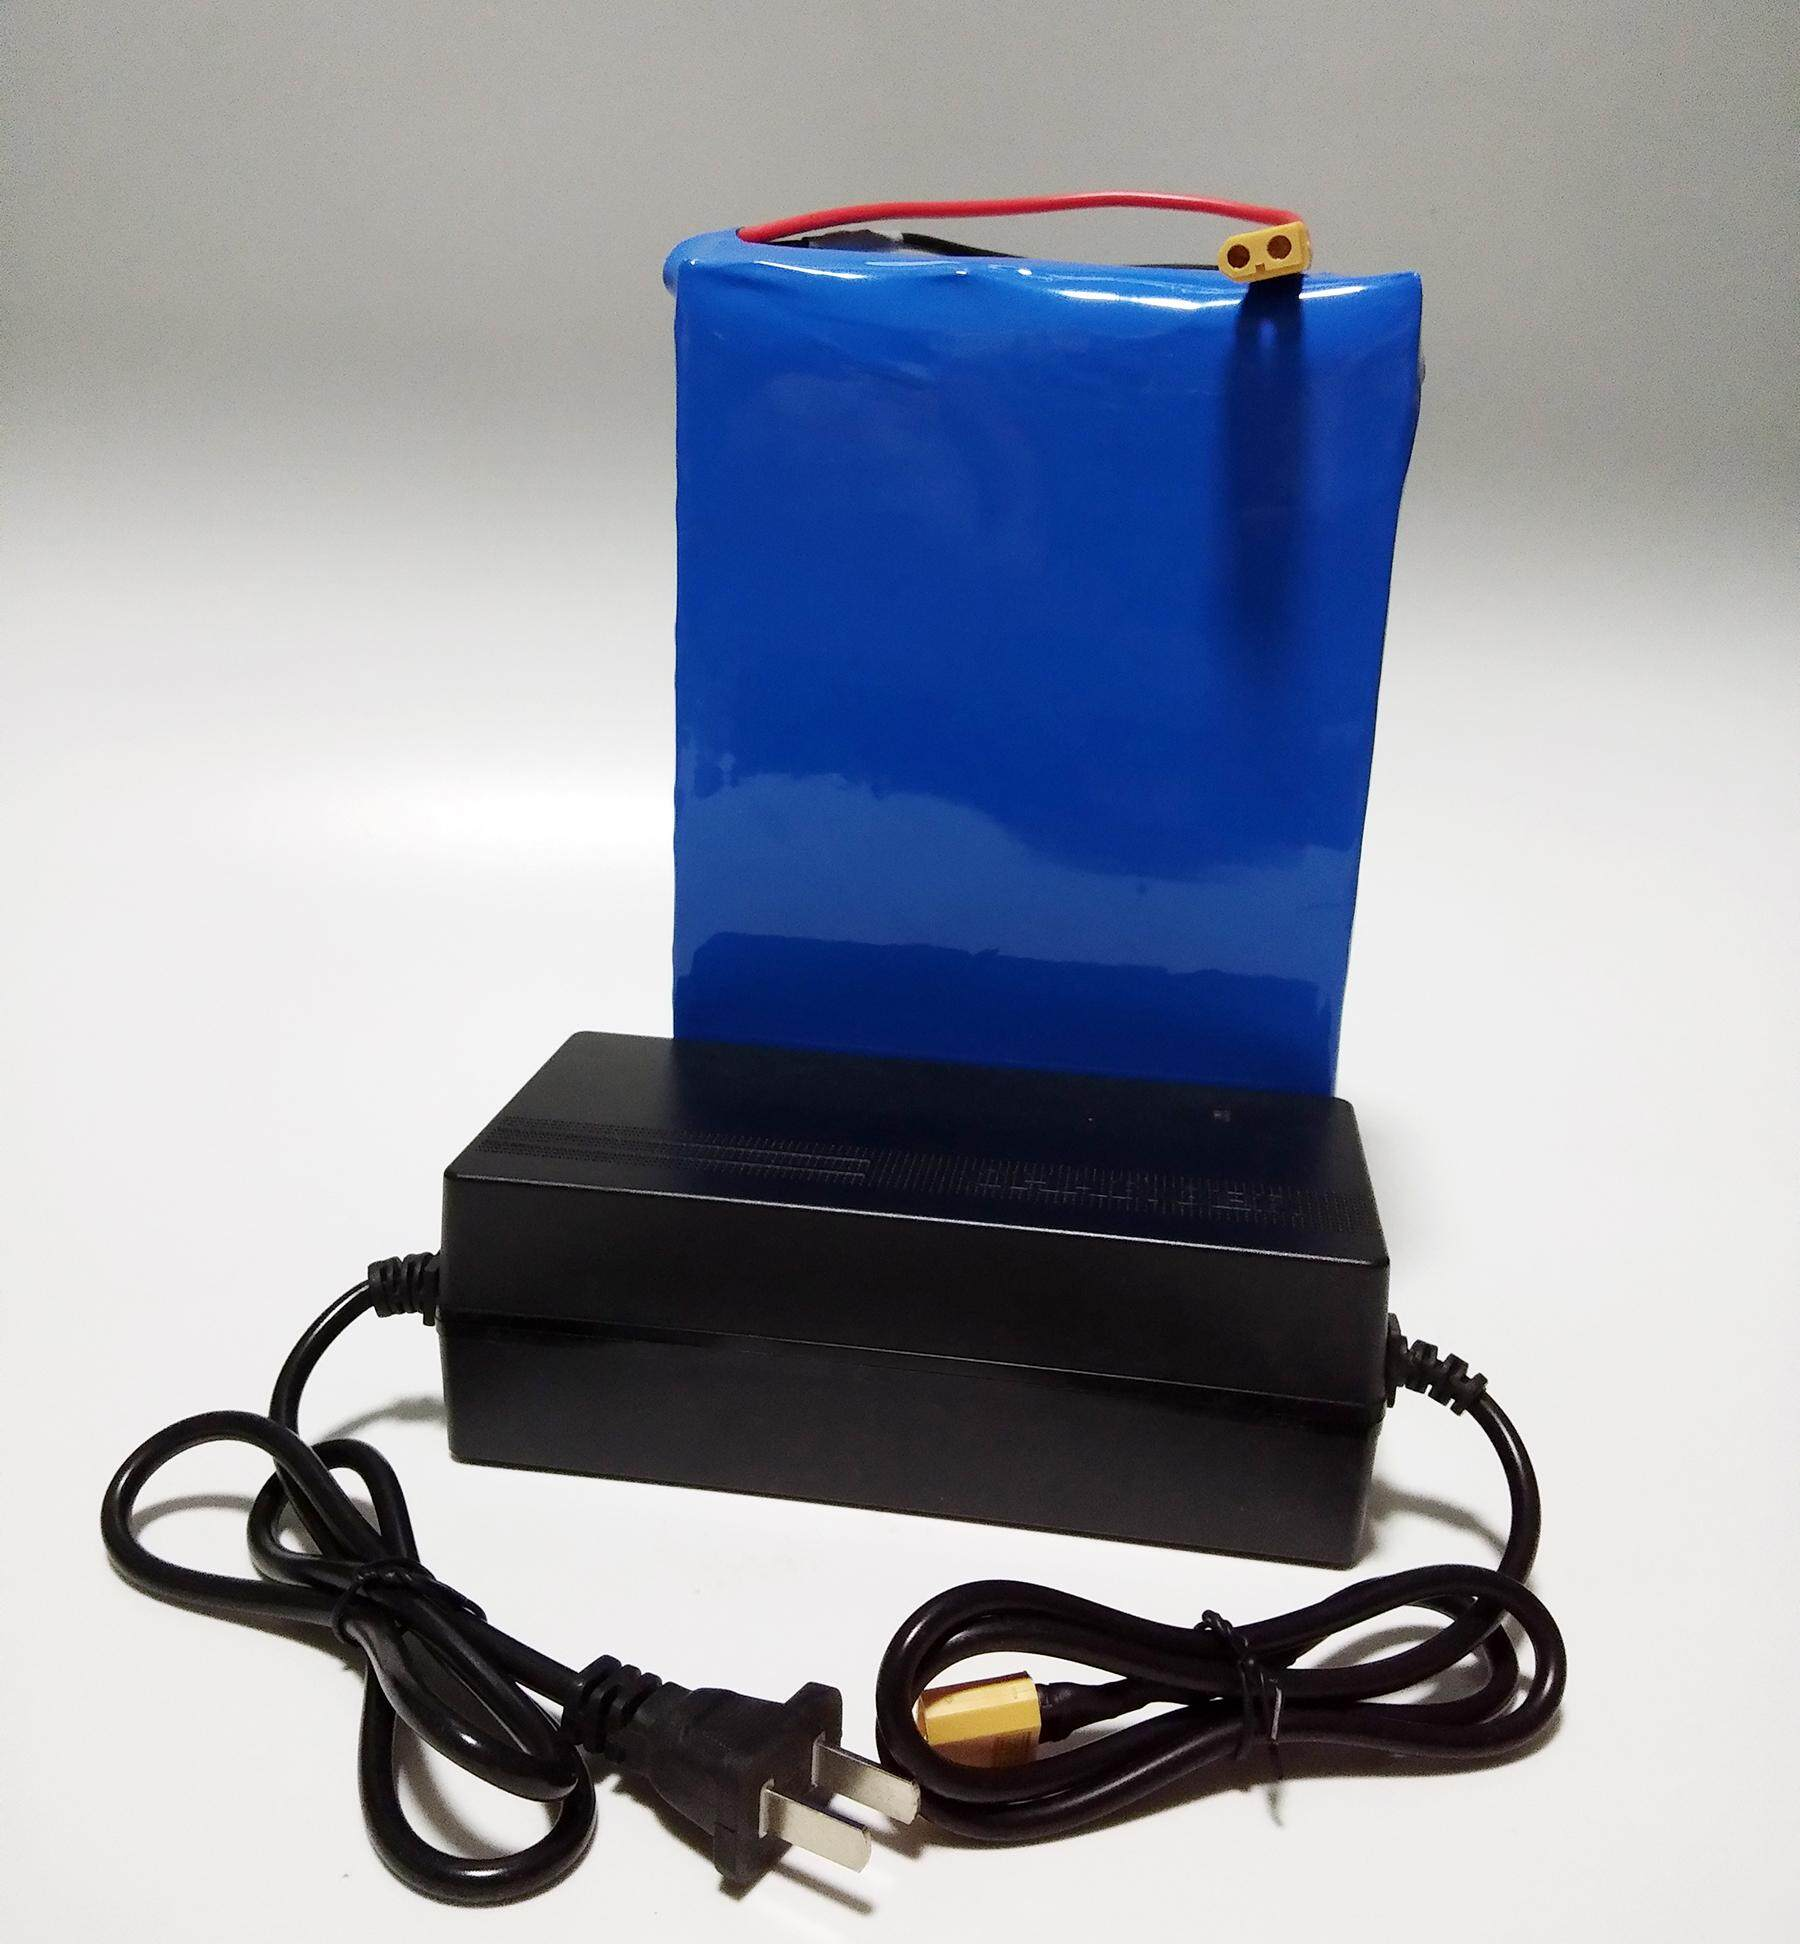 แบตเตอรี่ลิเธี่ยม(lifepo4 Battery Pack) 36v 13ah พร้อมที่ชาร์จแบตลิเธี่ยม42.2v2a By Thaipadmart.